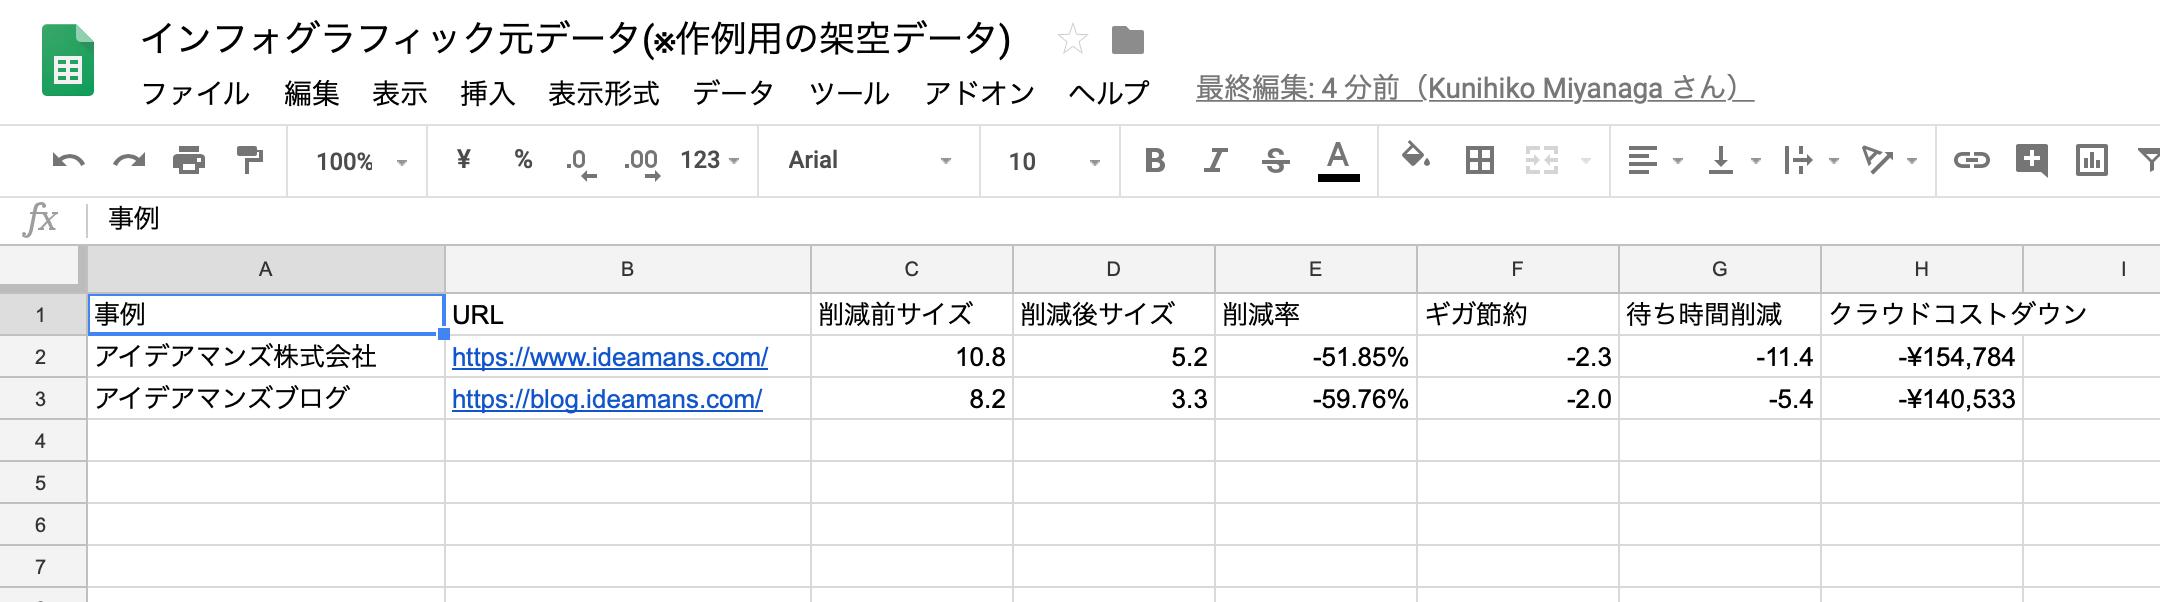 インフォグラフィック元データ_※作例用の架空データ__-_Google_スプレッドシート.png